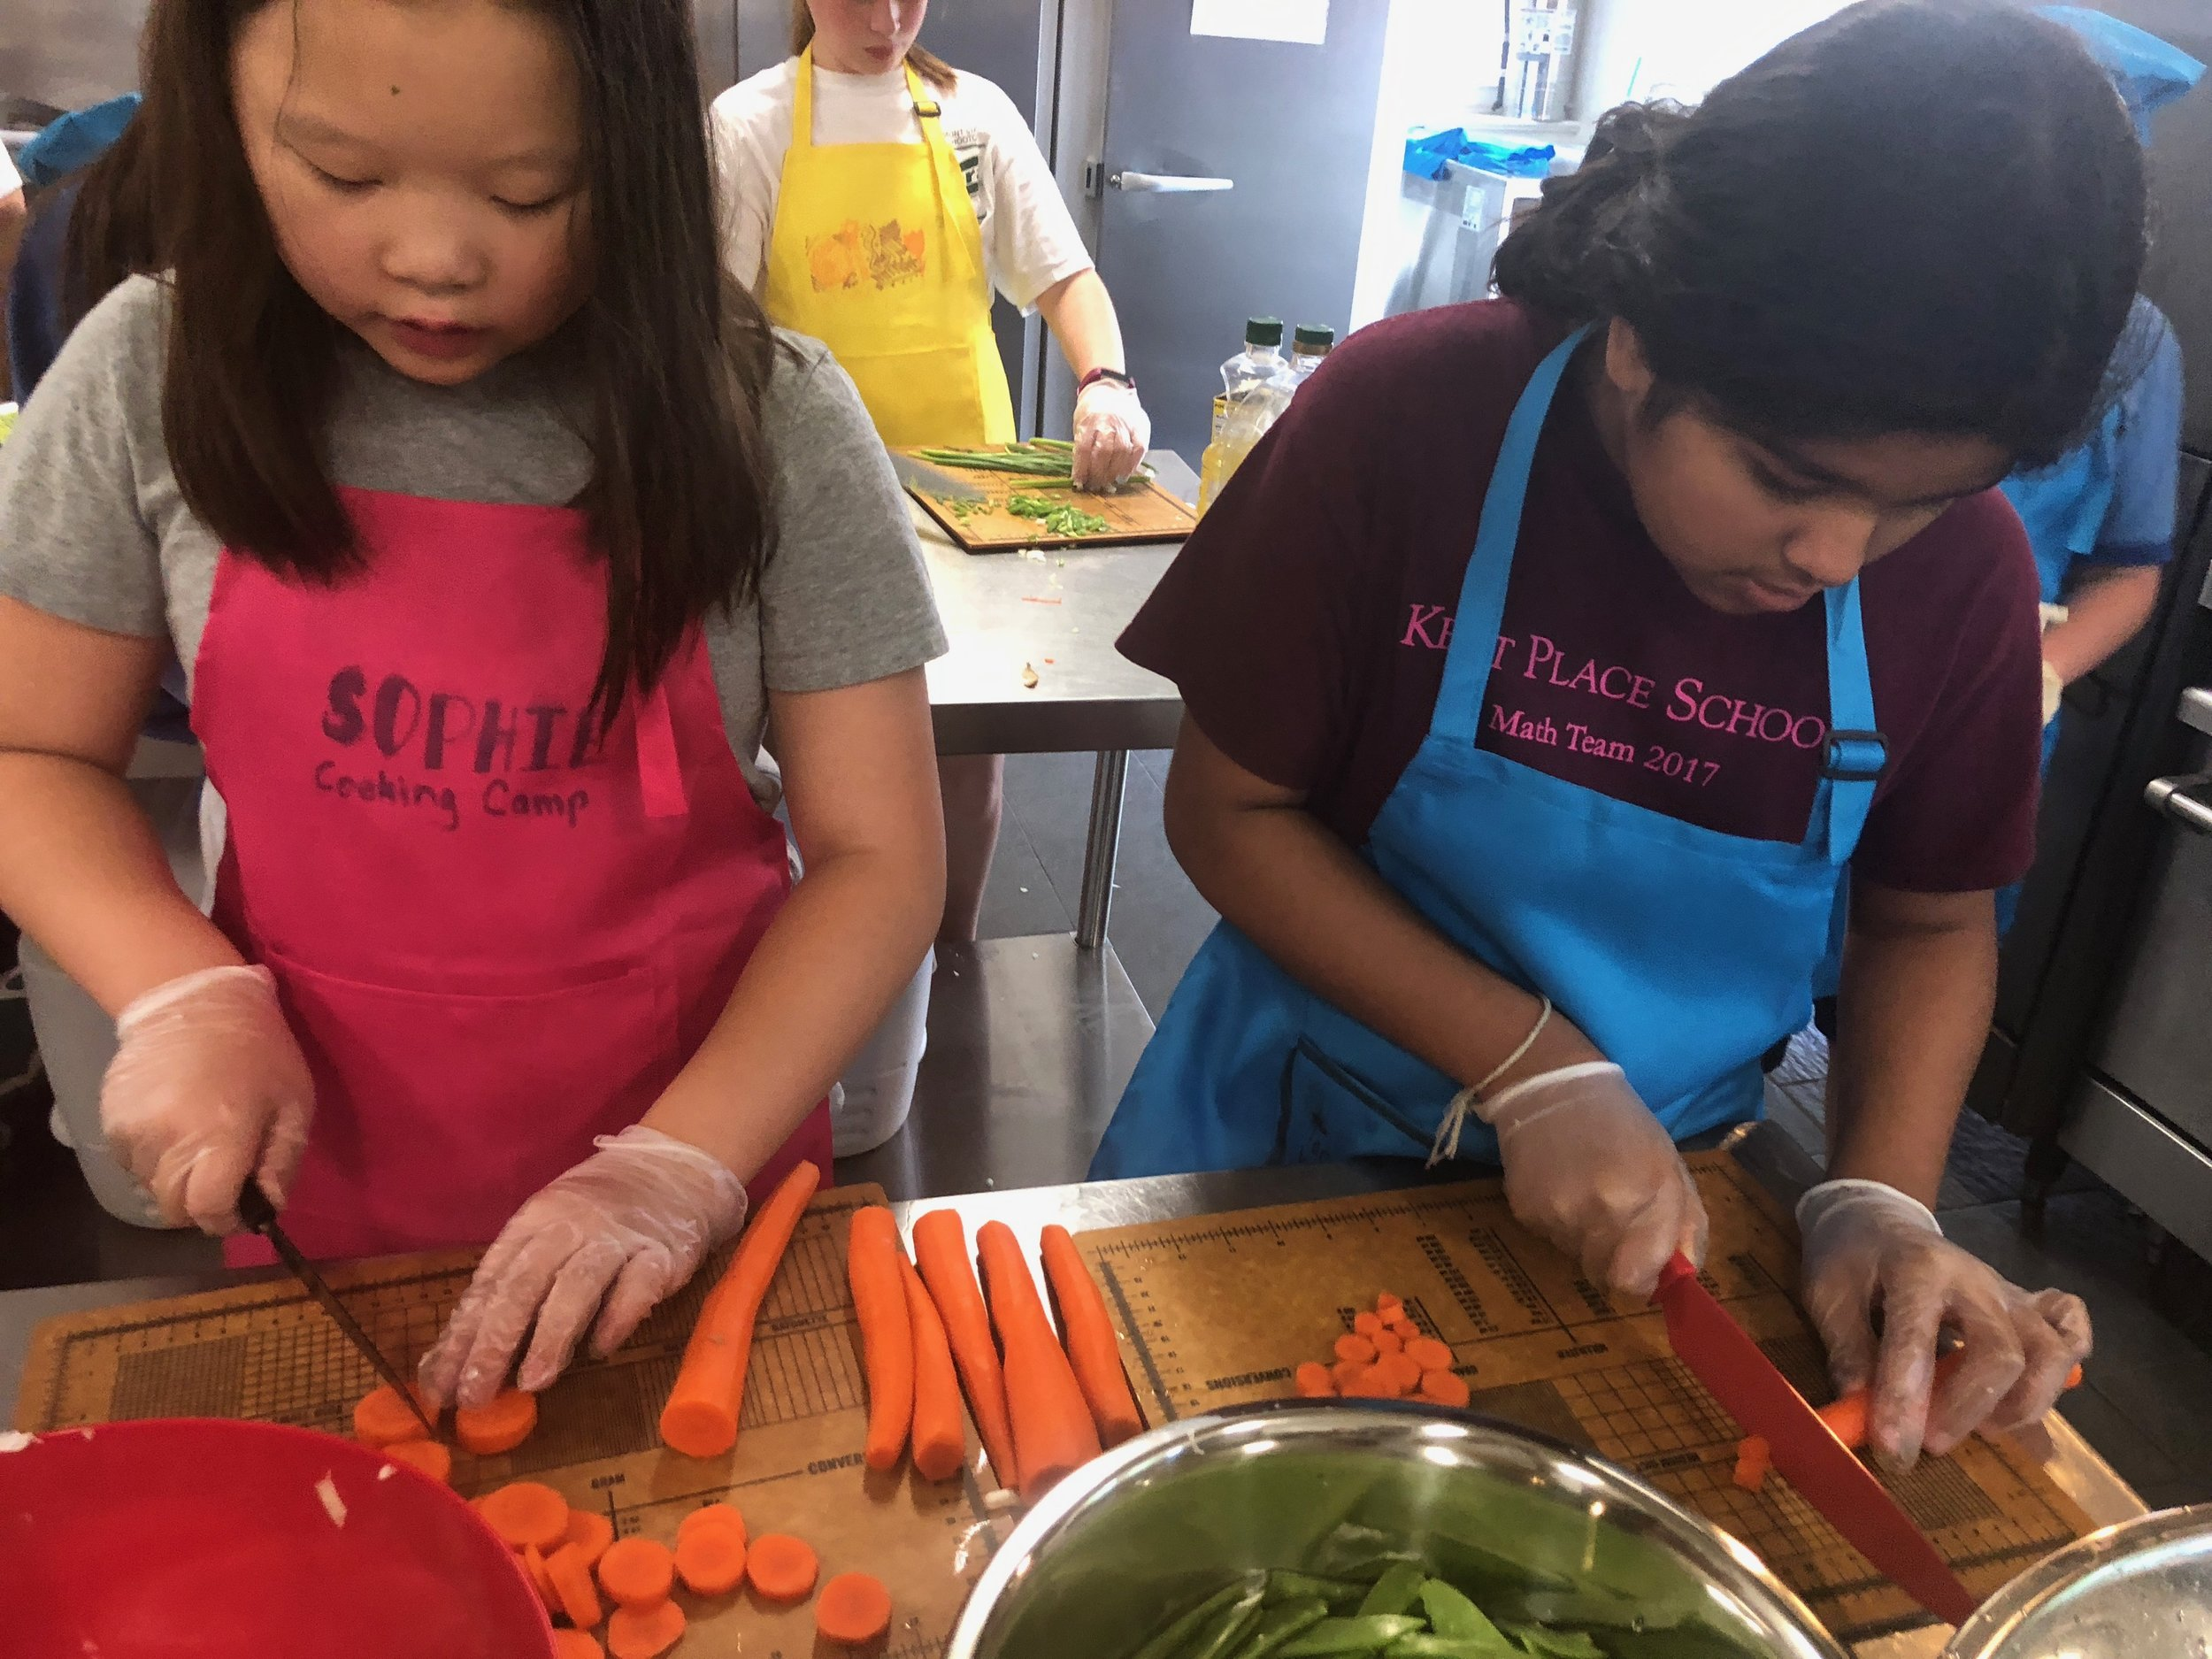 cooking_camp9.jpg